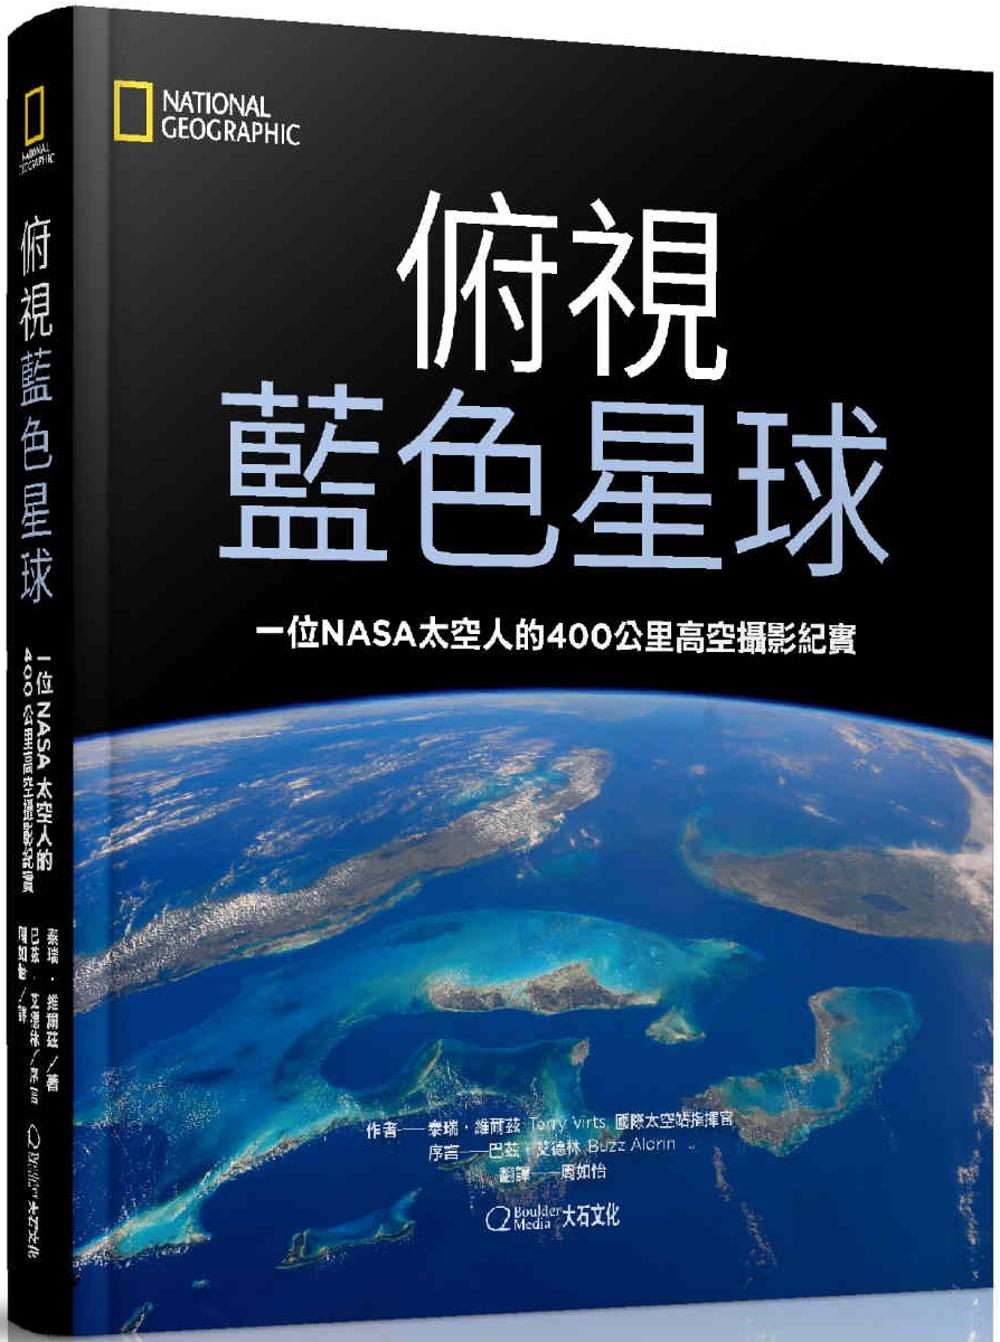 俯視藍色星球:一位NASA太空人的400公里高空攝影紀實